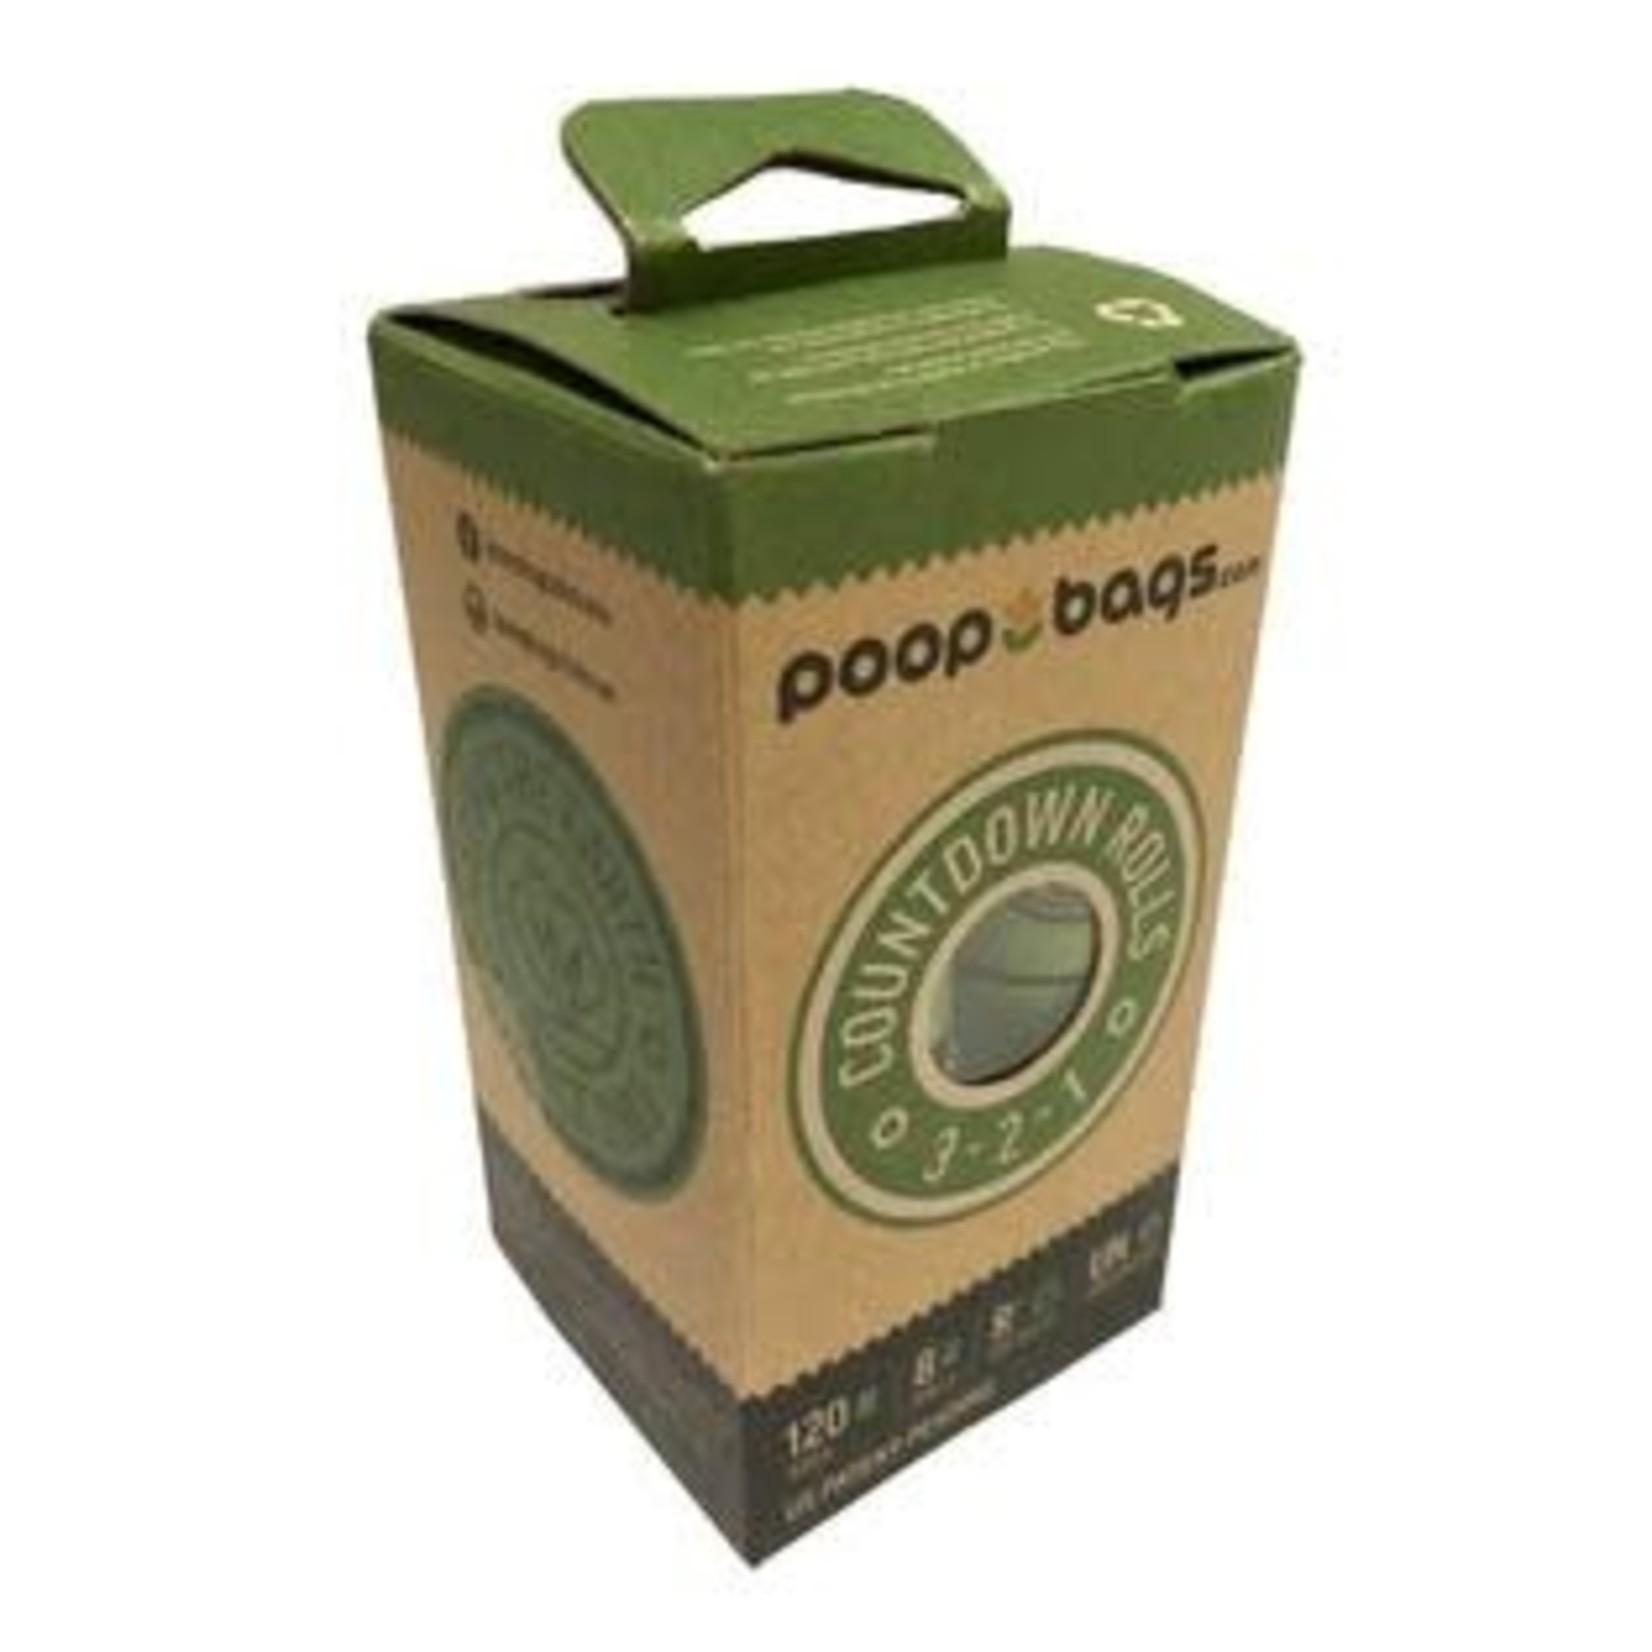 Original Poop Bags The Original Poop Bags 8 Pack Count Down